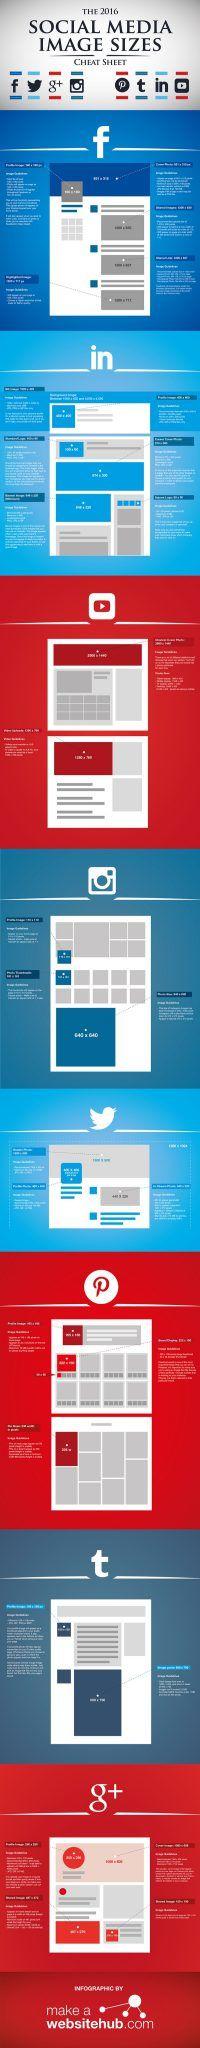 Размеры графических элементов в социальных сетях